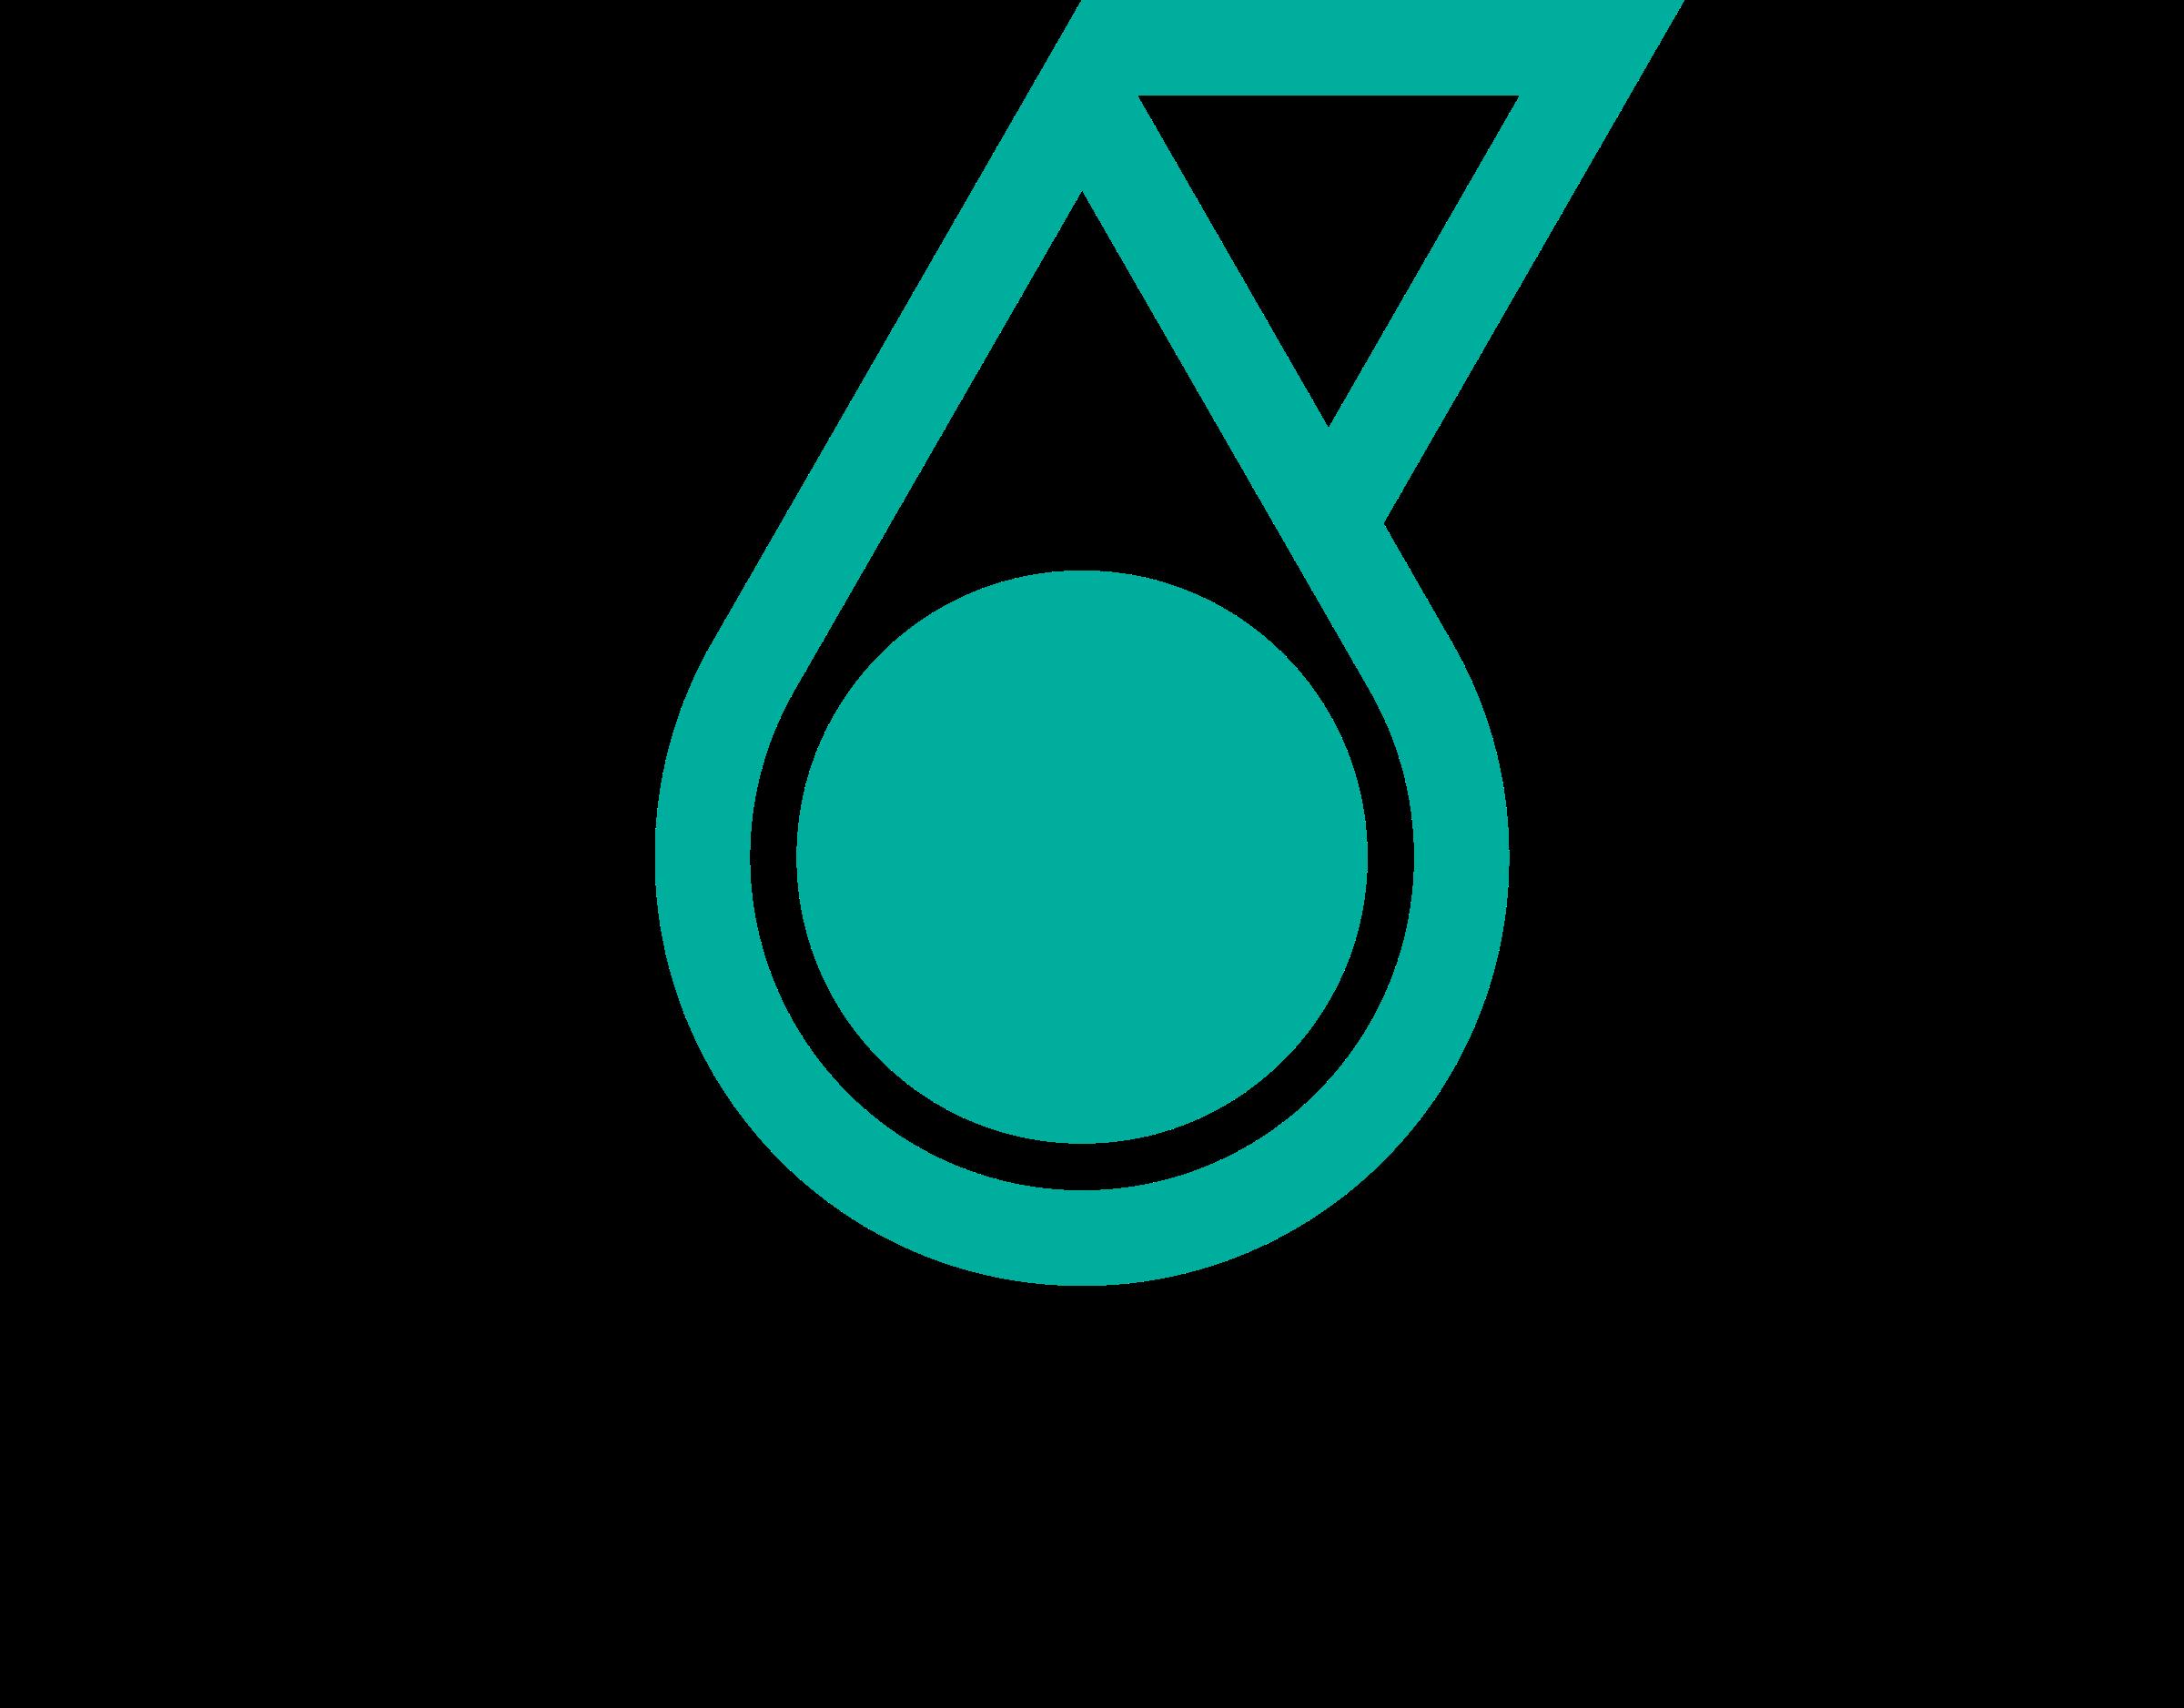 petronas-2-logo-png-transparent.png